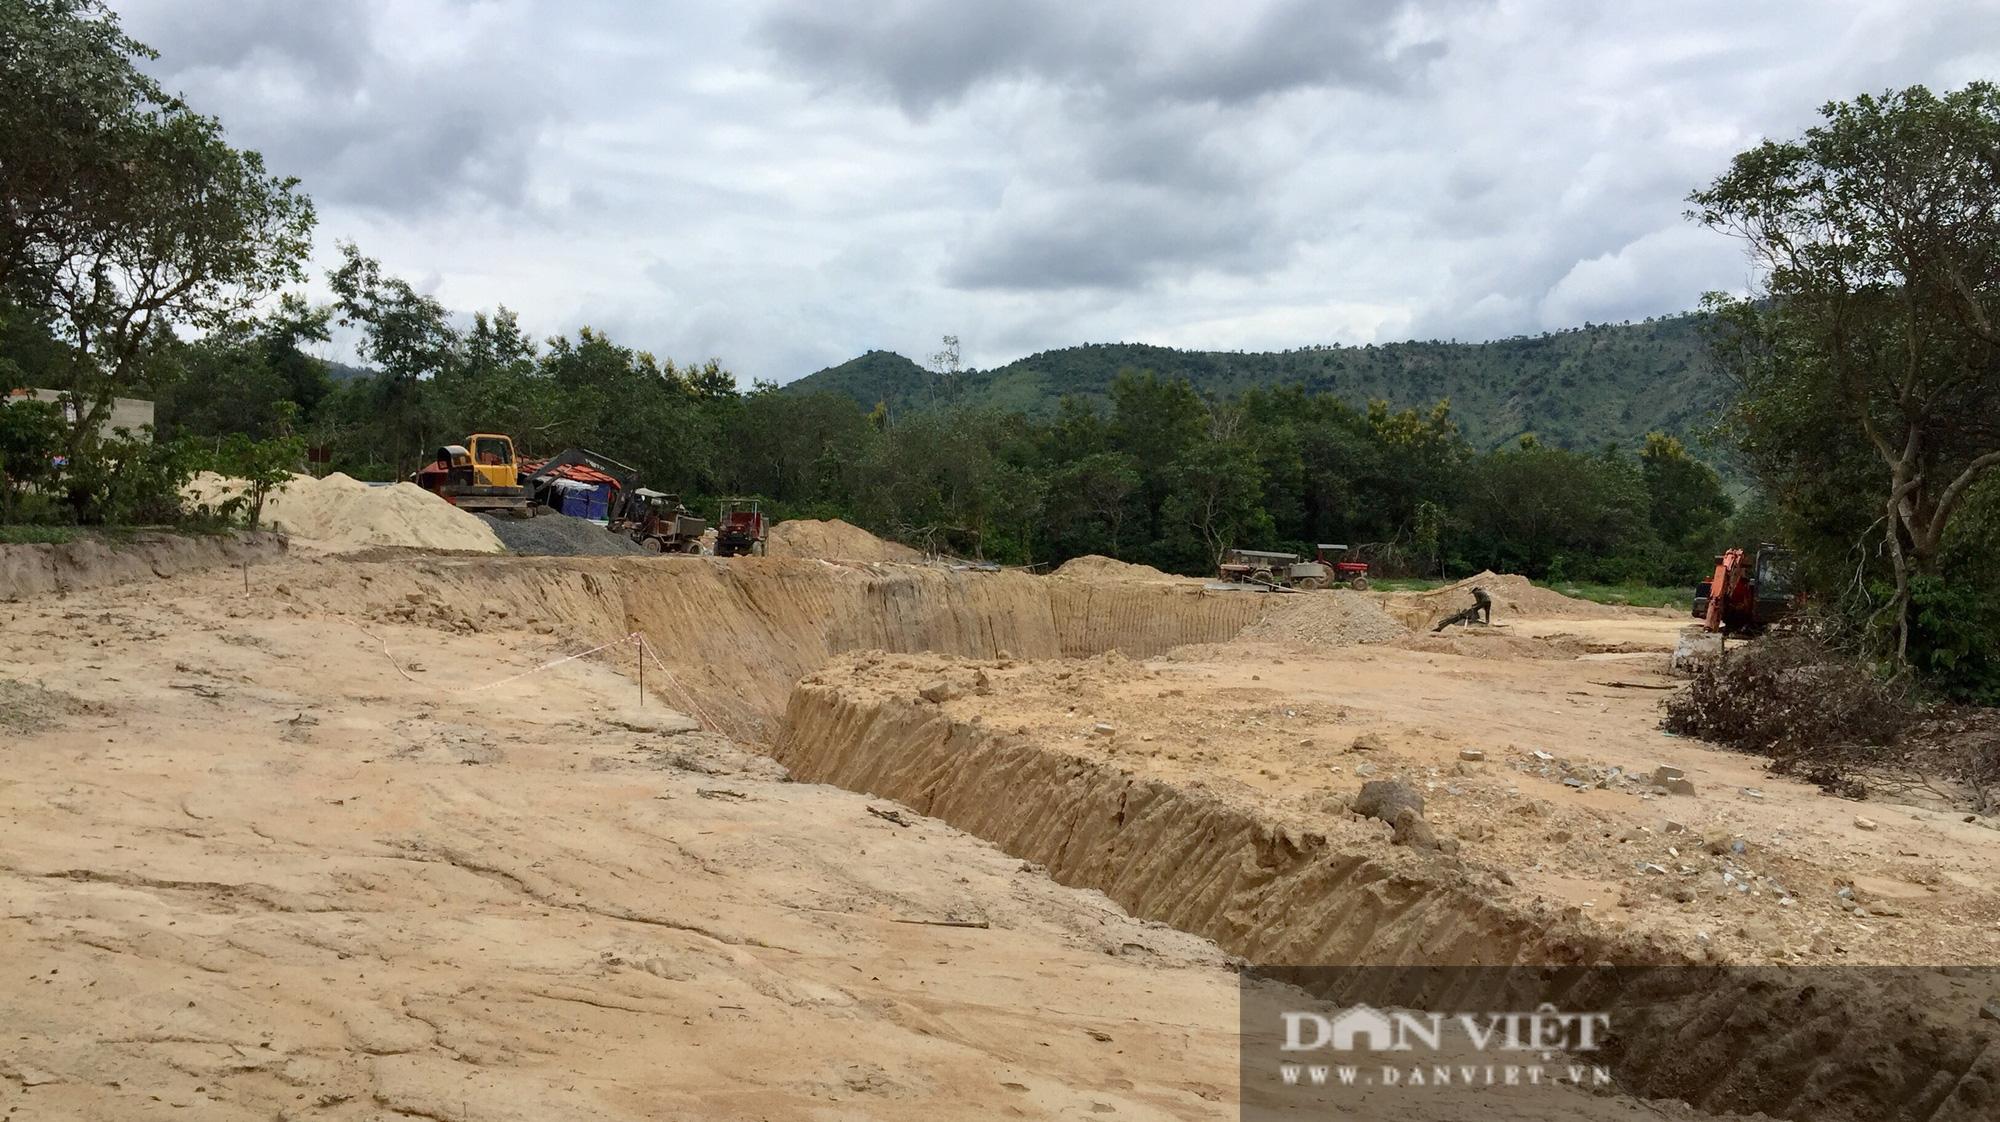 Đắk Lắk: Không thể giải ngân tiền đền bù dự án hồ Yên Ngựa vì có 40 sổ đỏ bị chồng lấn - Ảnh 2.